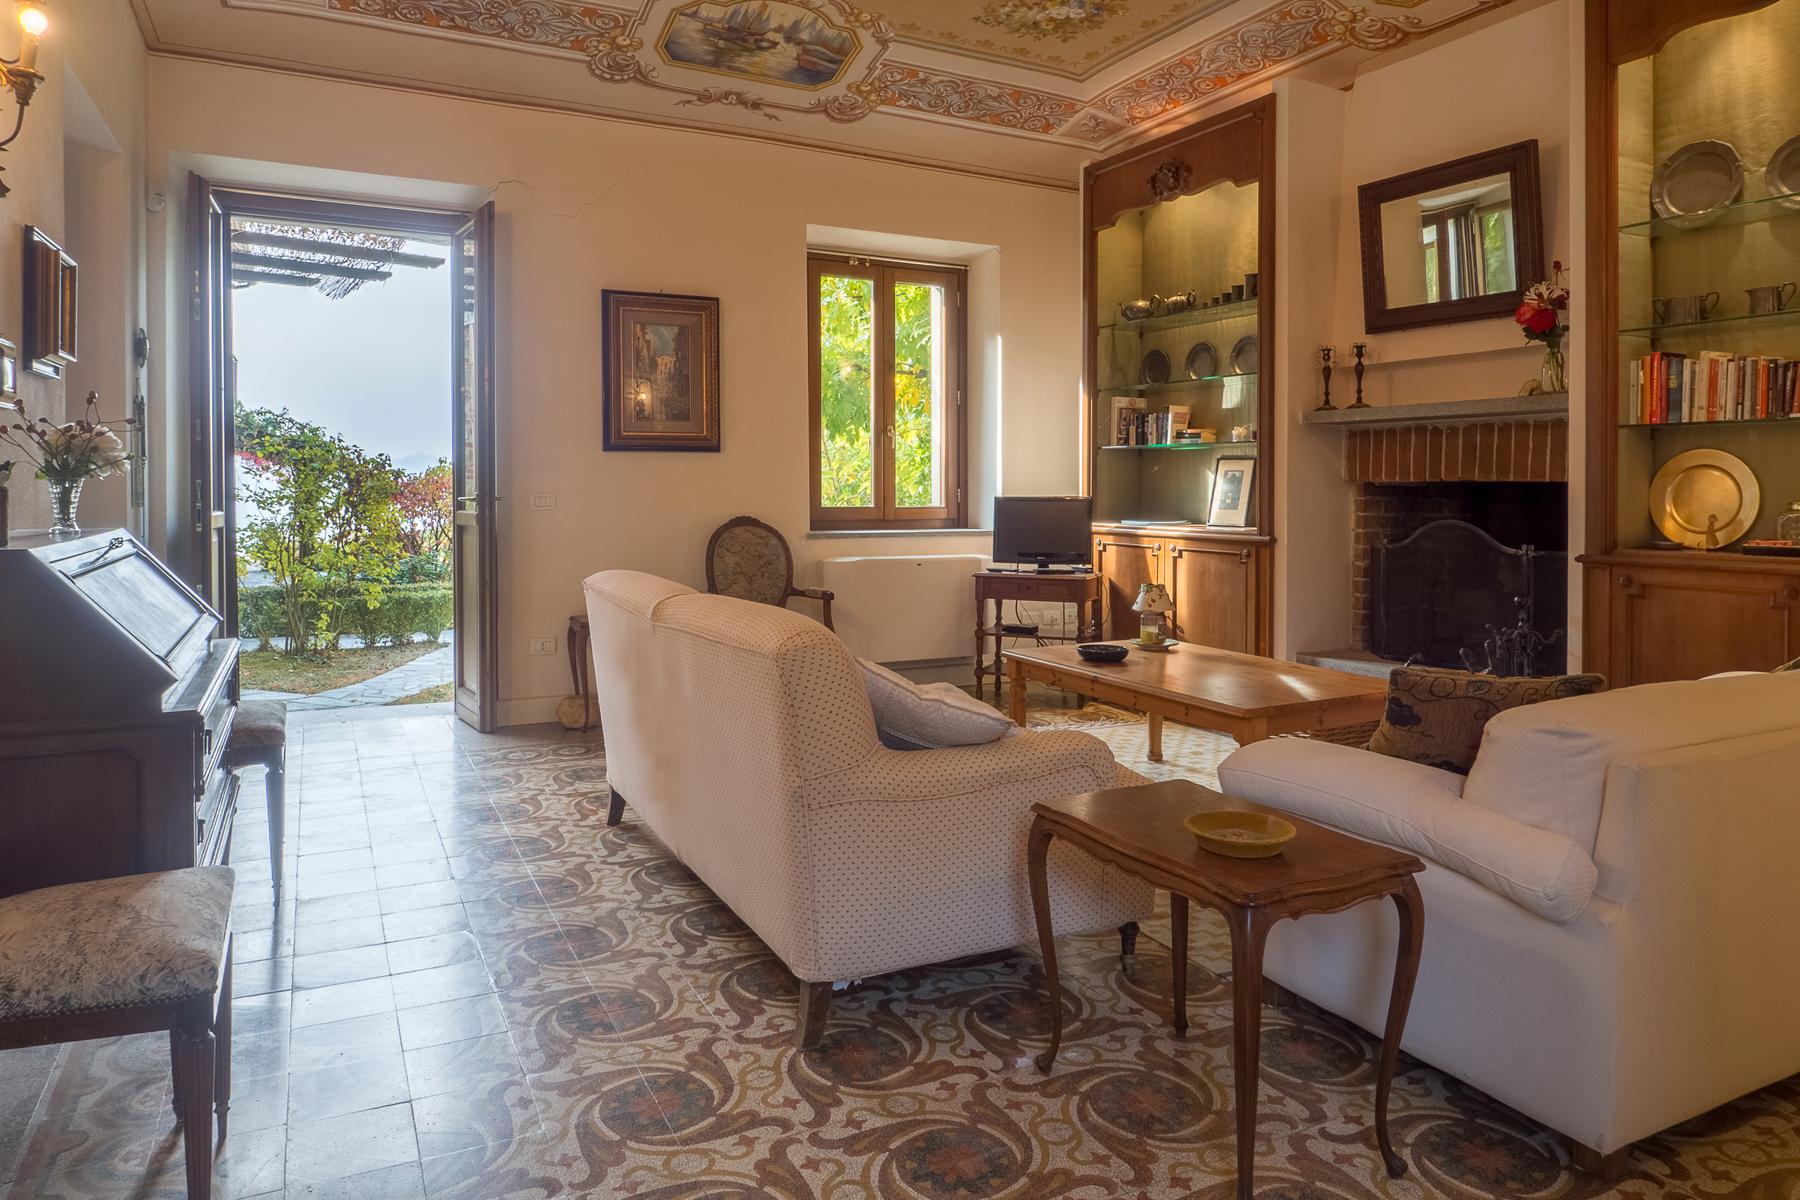 Appartamento in Vendita a Vignale Monferrato: 5 locali, 140 mq - Foto 5